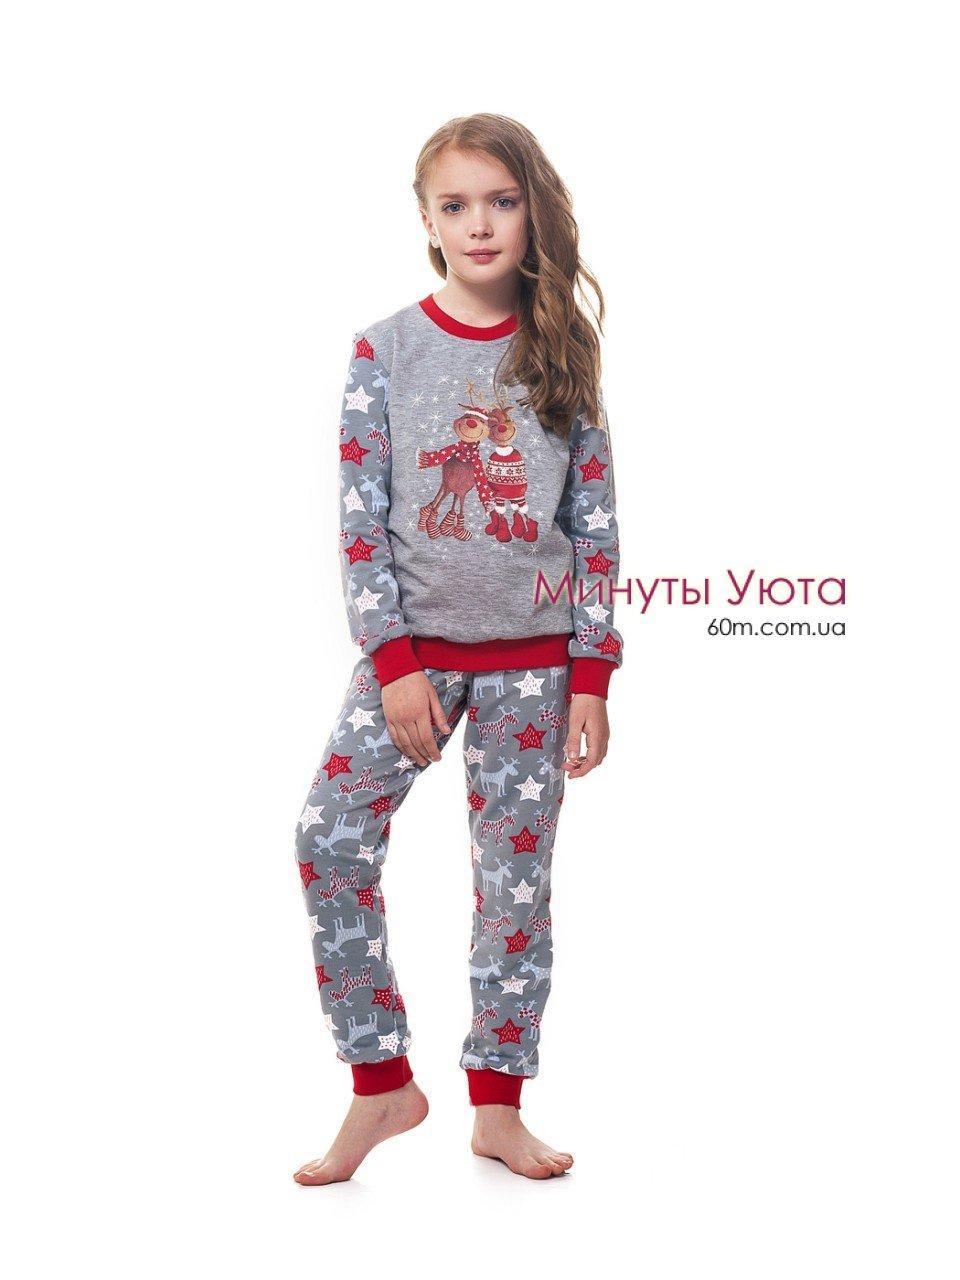 e419fbb6a8ba Детская байковая пижама в новогодний принт - купить, в составе кофта ...